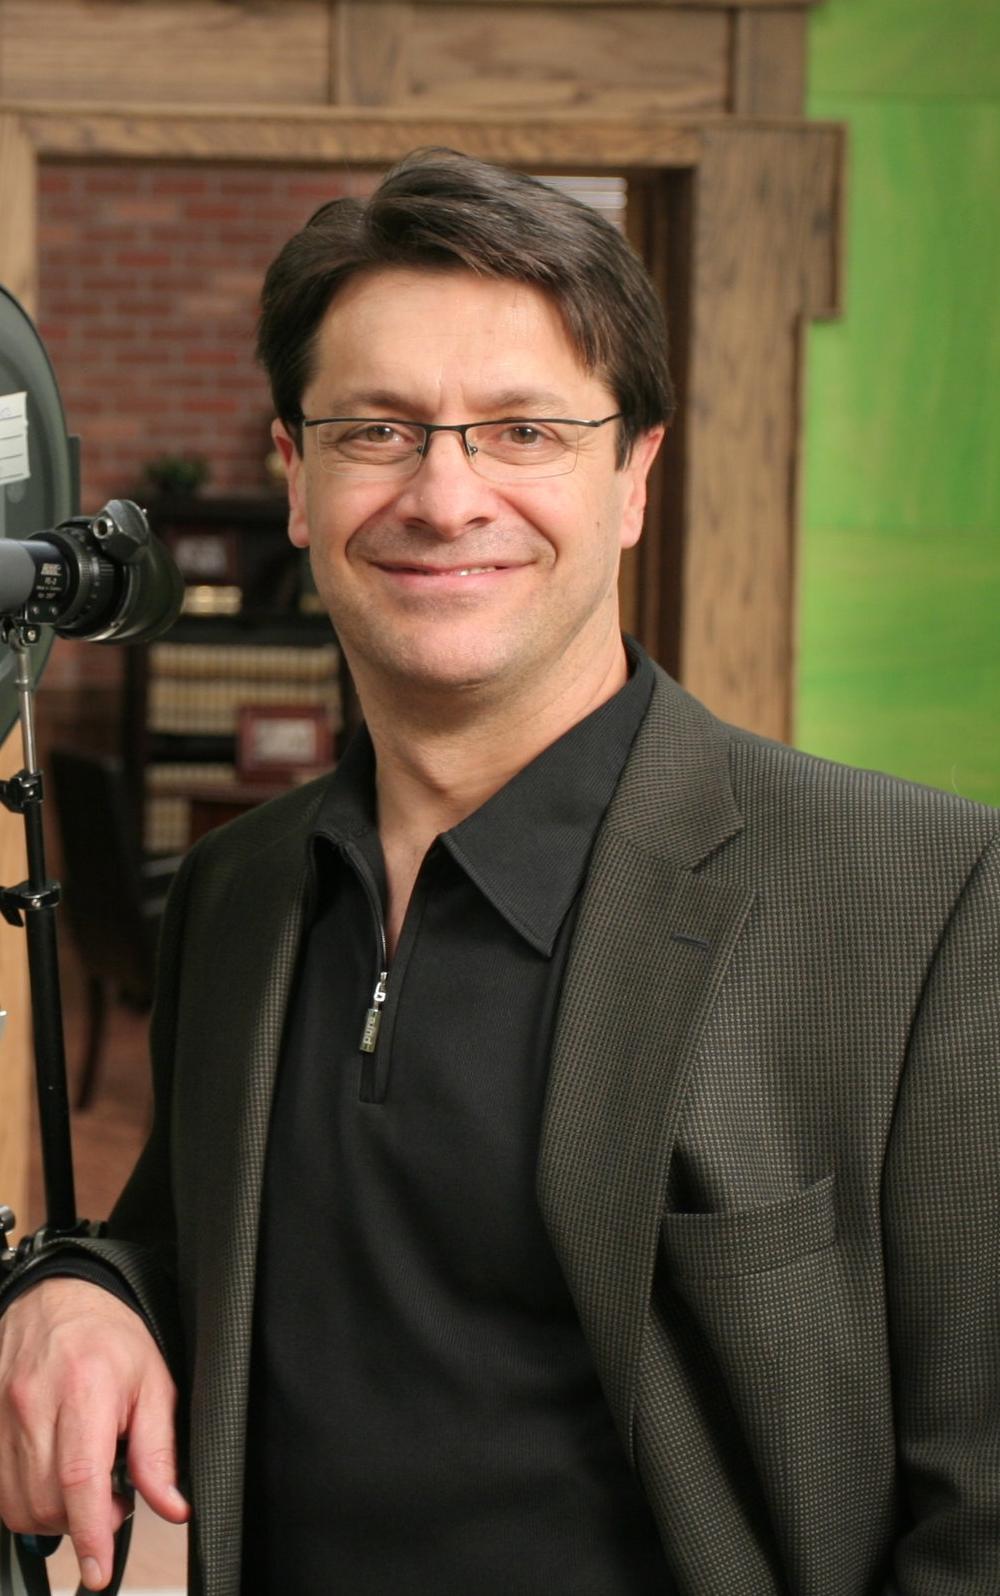 Derek Diorio Executive Producer, Director, Writer